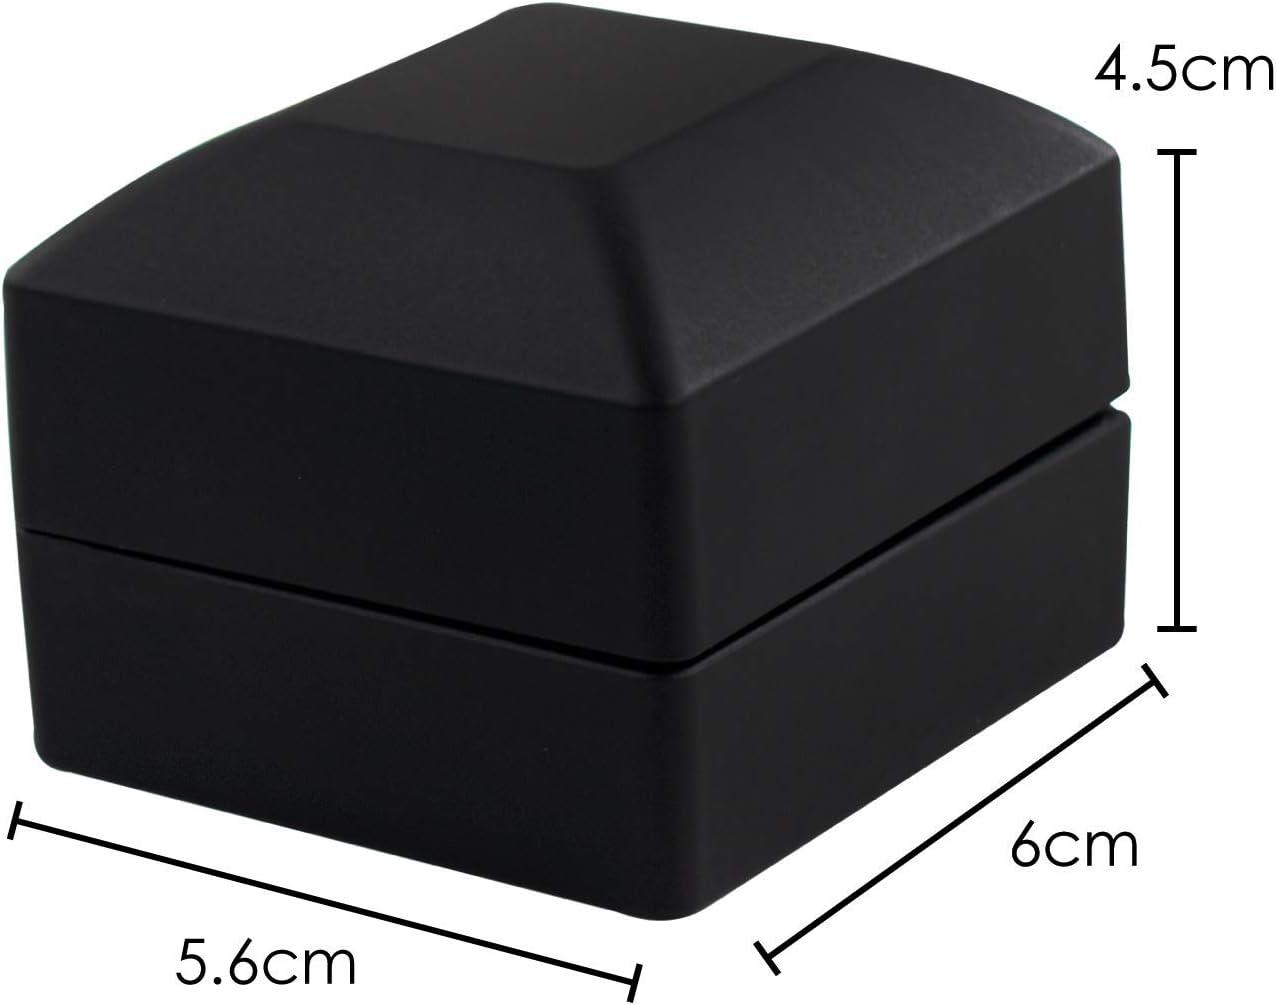 Bo/îte /à Bijoux carr/ée 6,5 x 6 x 5 cm TRIXES Ring Box Noir avec int/érieur en Velours Ecrin /él/égant avec /éclairage LED L x l x H pour Mariage de fian/çailles